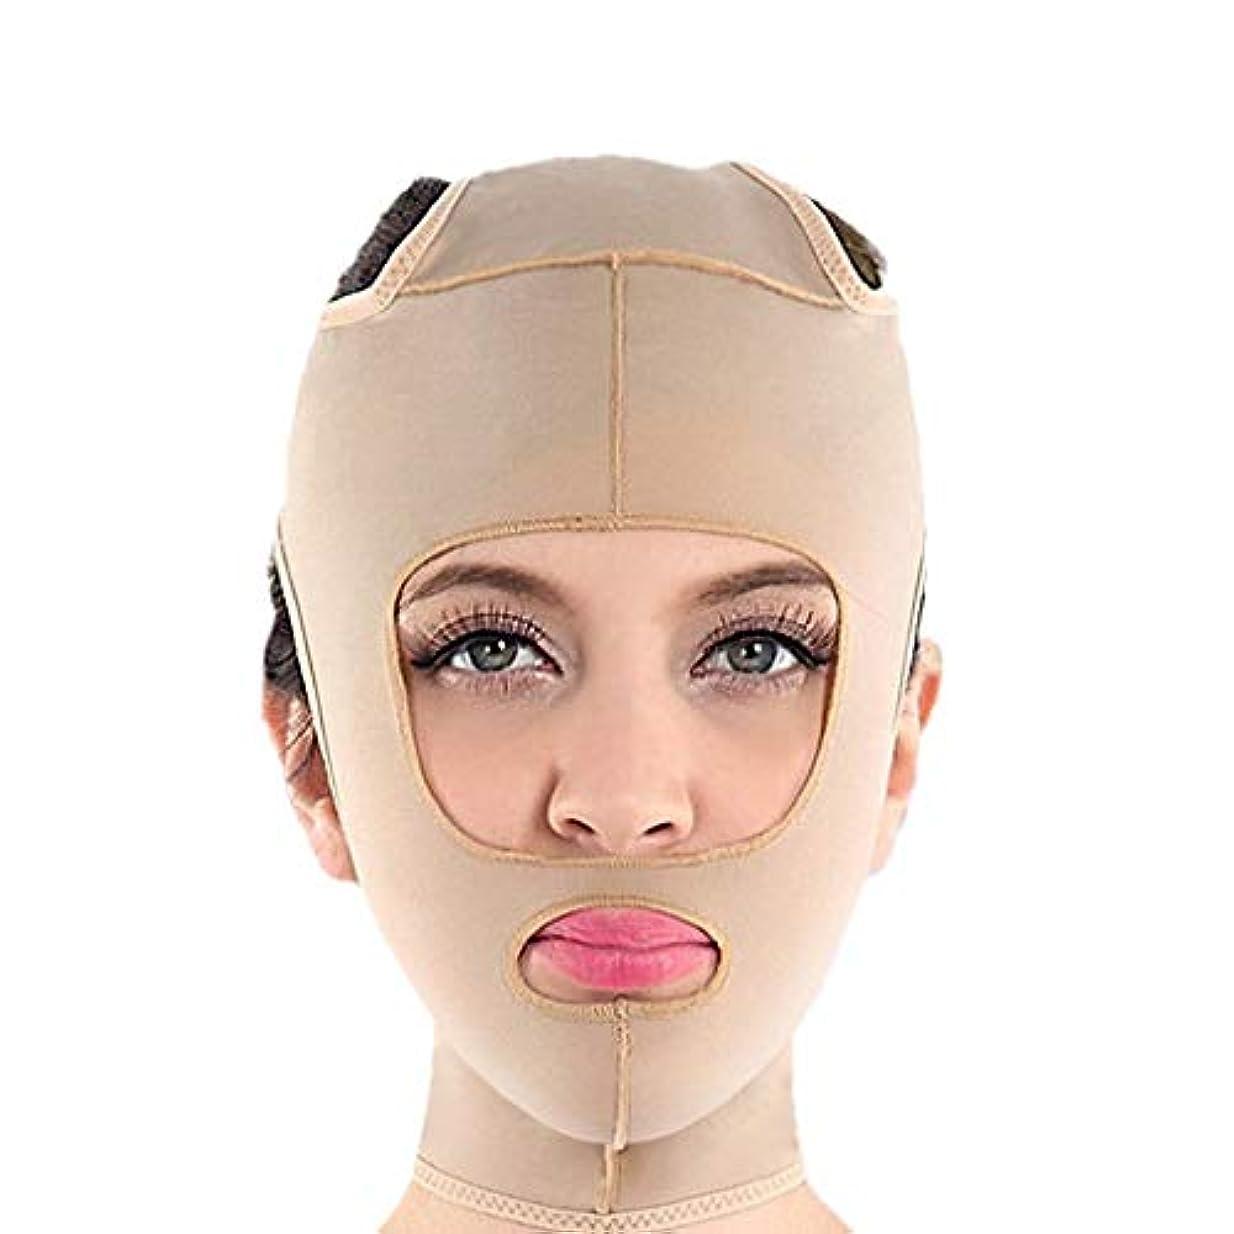 アストロラーベオーバーヘッド免除フェイスリフティング、ダブルチンストラップ、フェイシャル減量マスク、ダブルチンを減らすリフティングヌードル、ファーミングフェイス、パワフルリフティングマスク(サイズ:M),ザ?